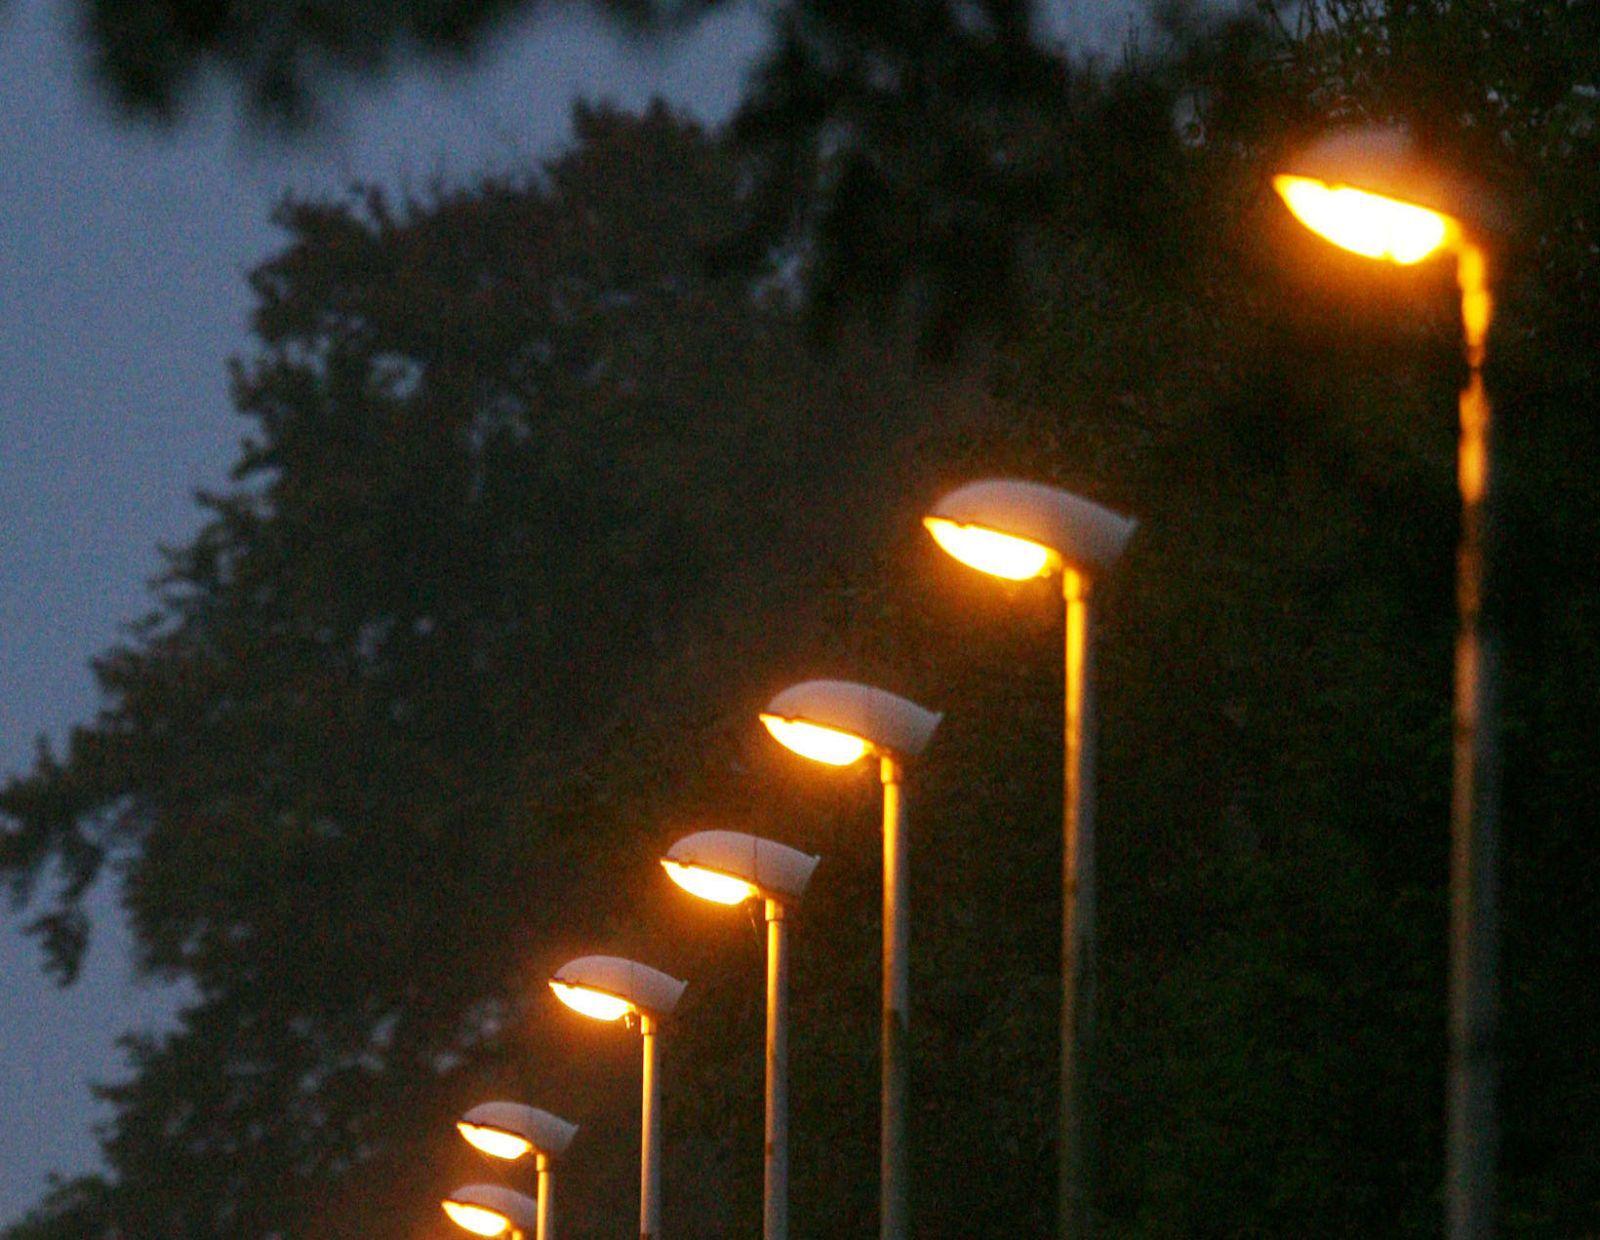 Installatie LED lampen openbare verlichting met jaar uitgesteld ...